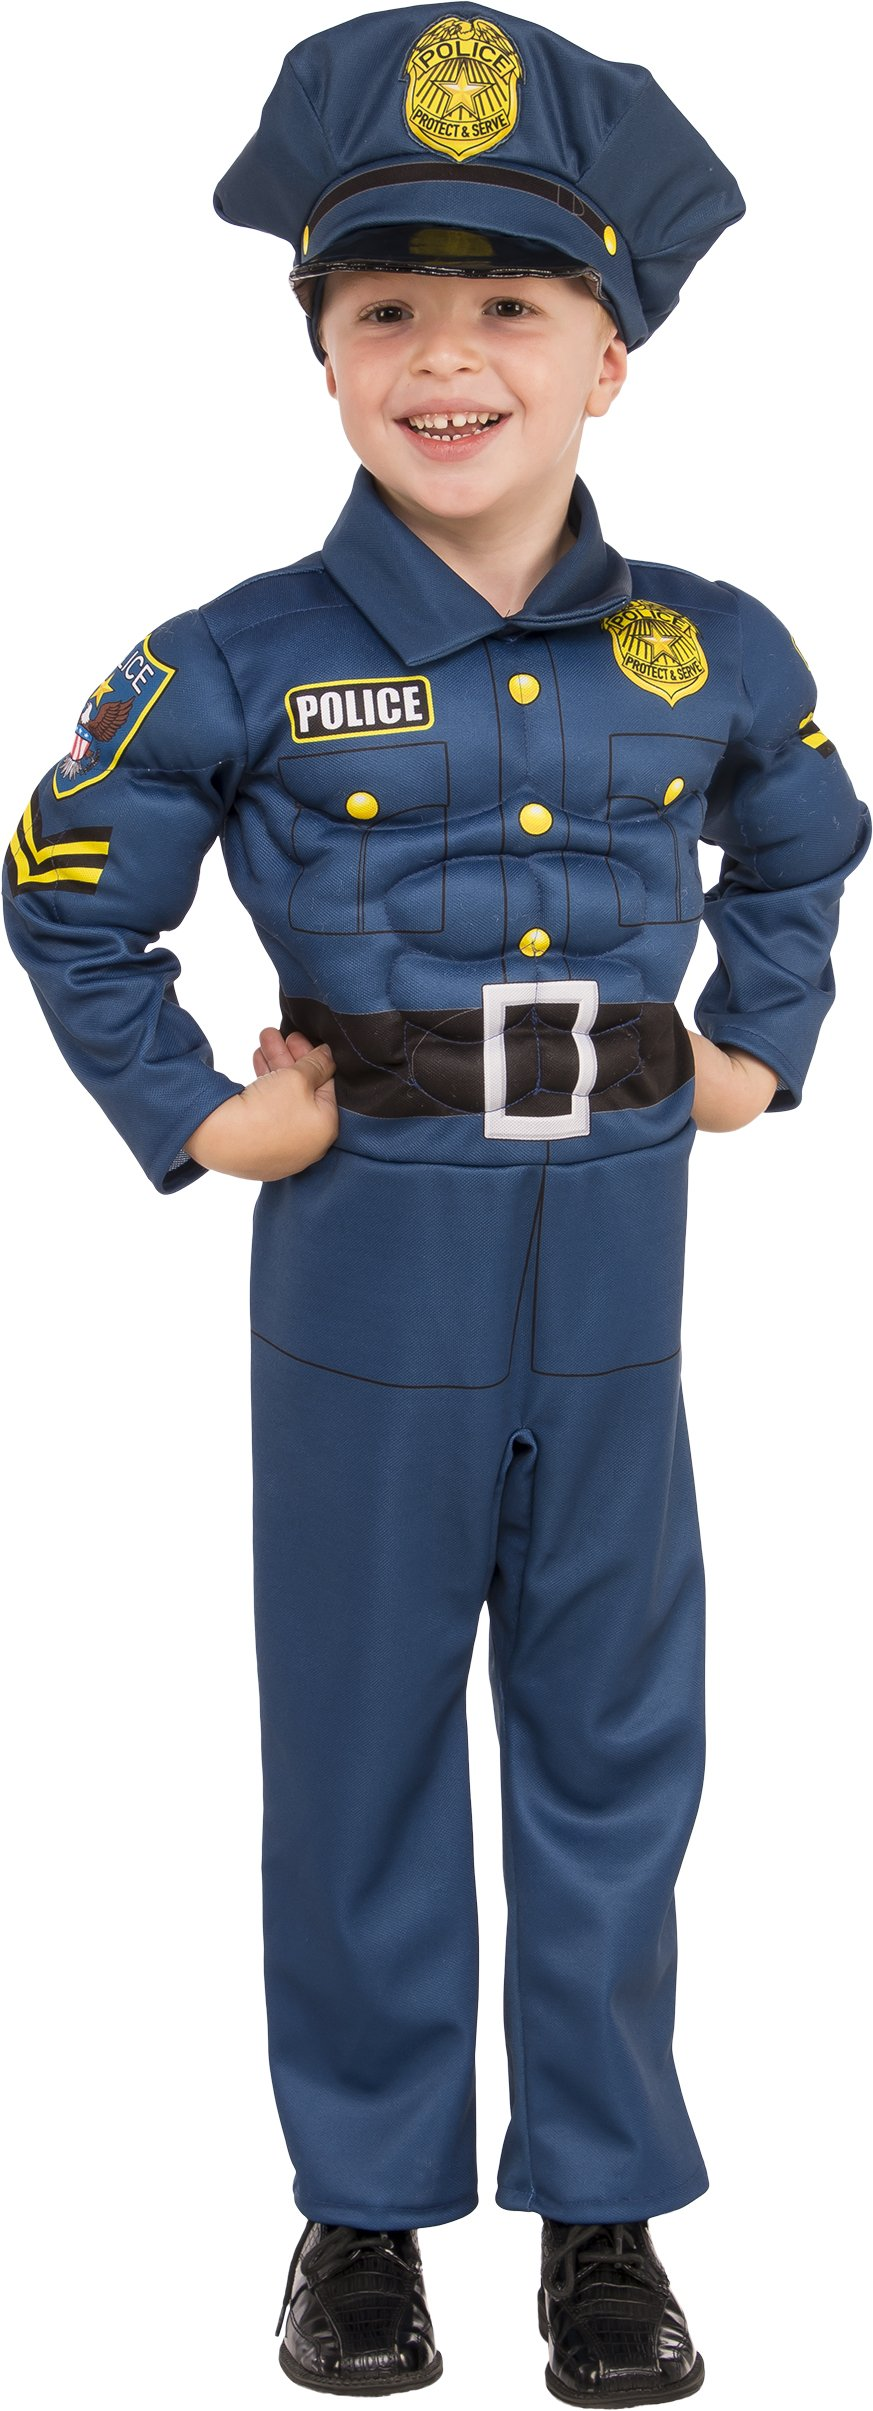 Rubies Costume Child's Top Cop Costume, Medium, Multicolor